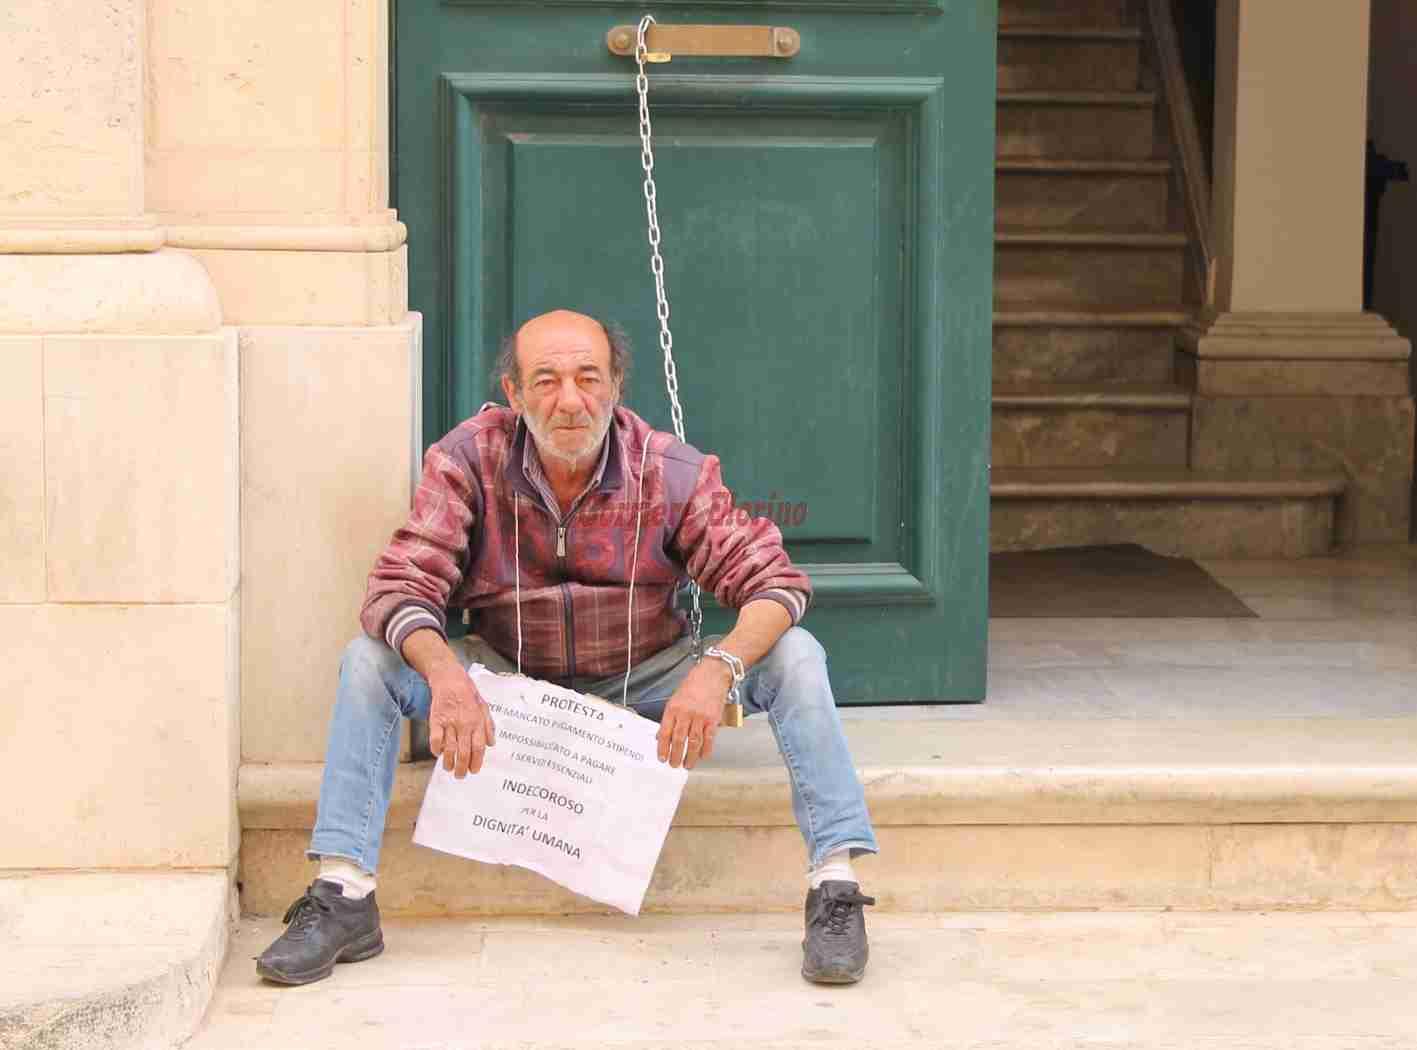 Il comune gli paga la bolletta Enel, termina la protesta del dipendente comunale